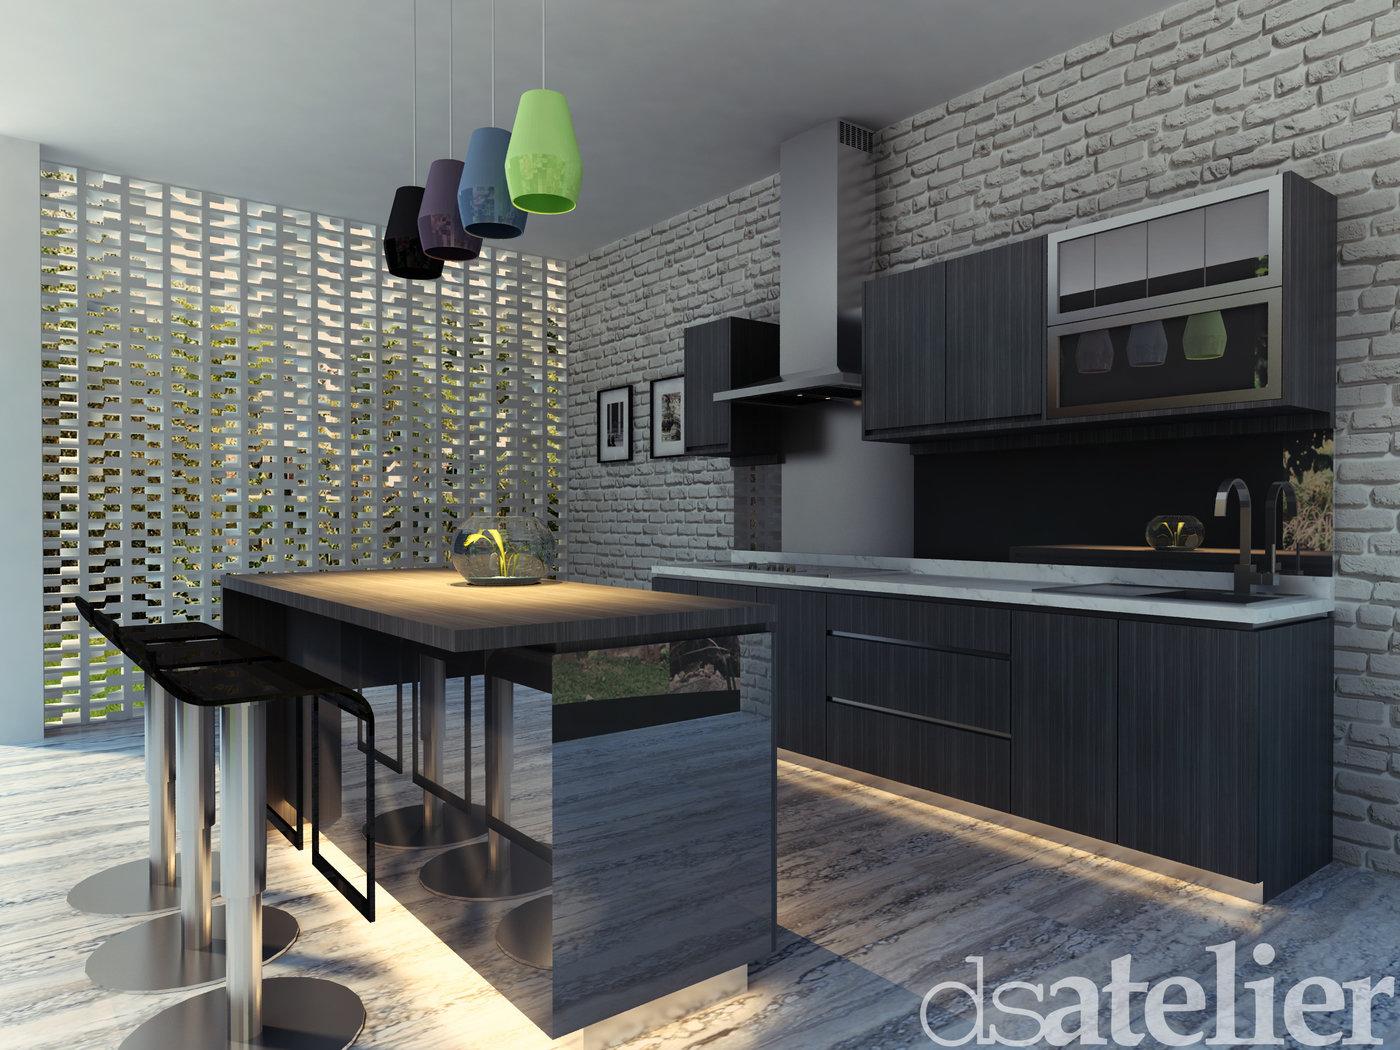 minibar design by dedy sisnanto at Coroflot.com